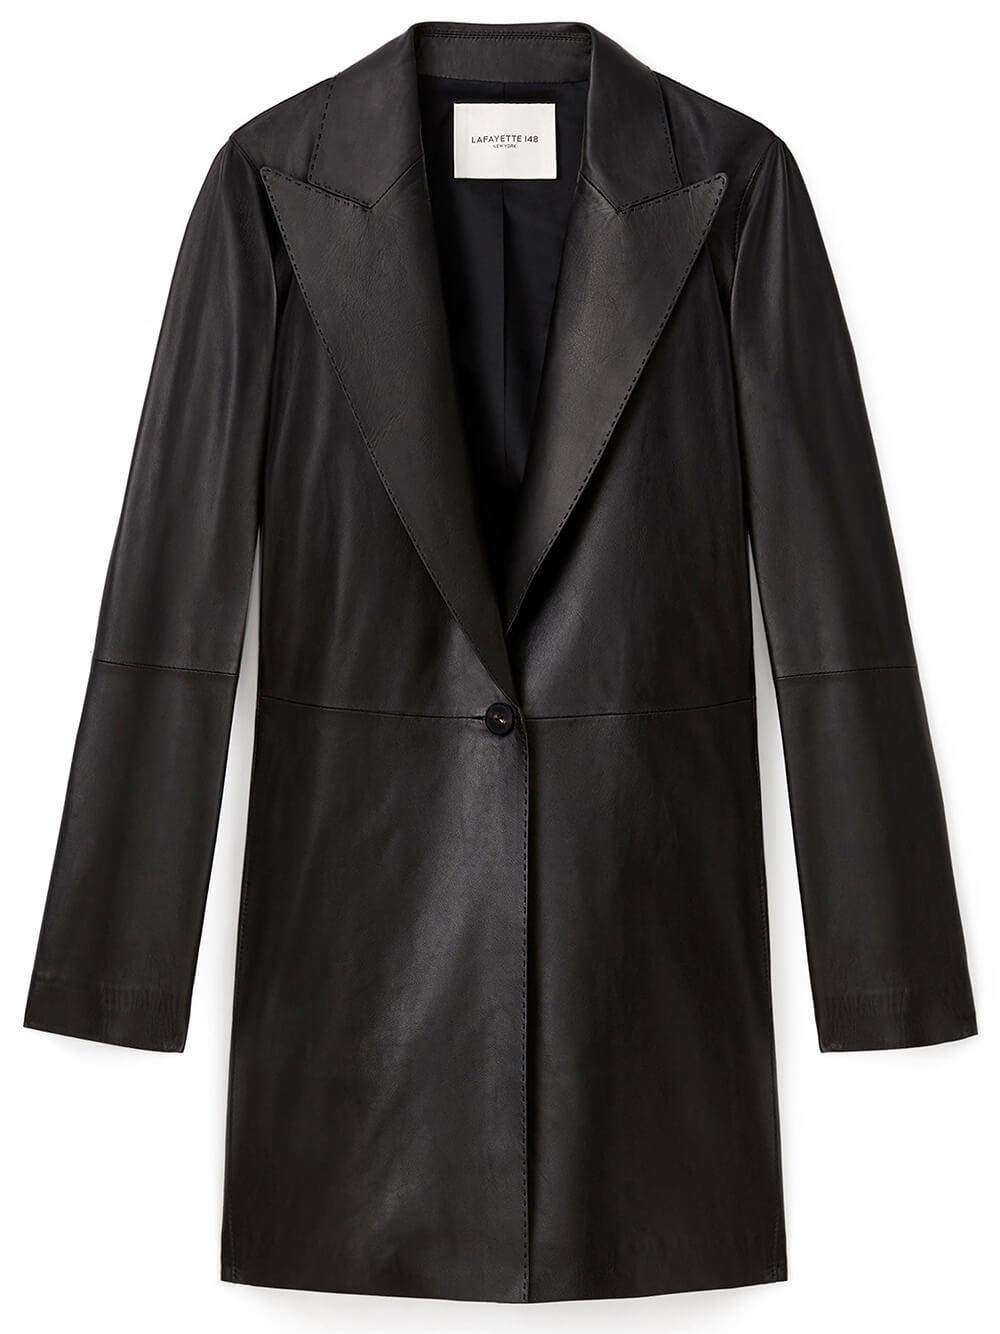 Kourt Lambskin Jacket Item # MJBK9H-L459